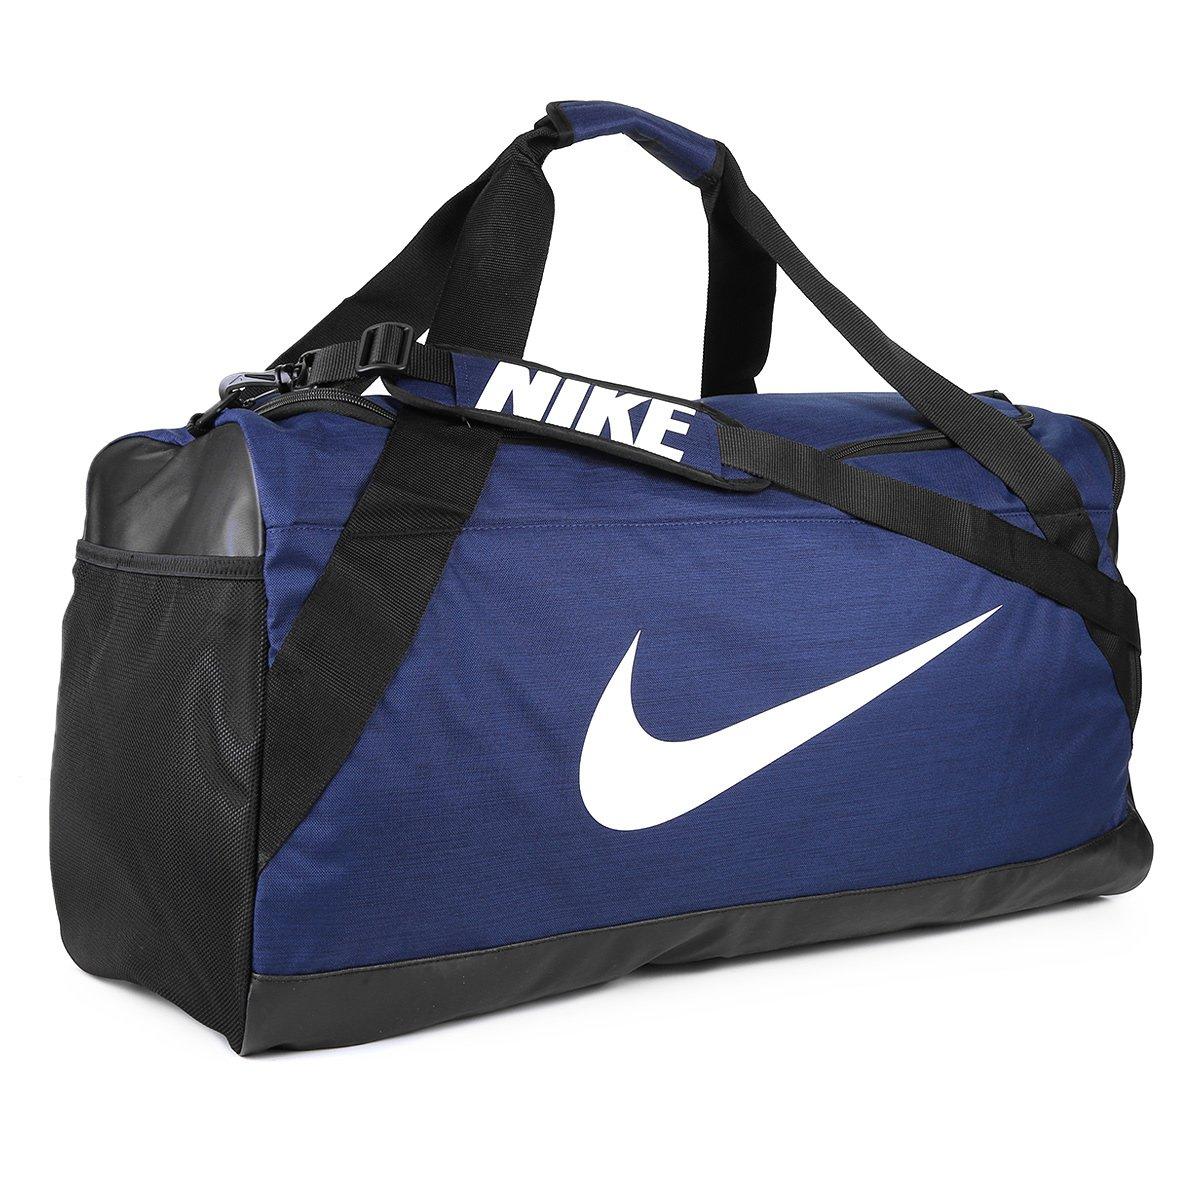 e933b2a07 Mala Nike Brasilia XL Duff | Livelo -Sua Vida com Mais Recompensas